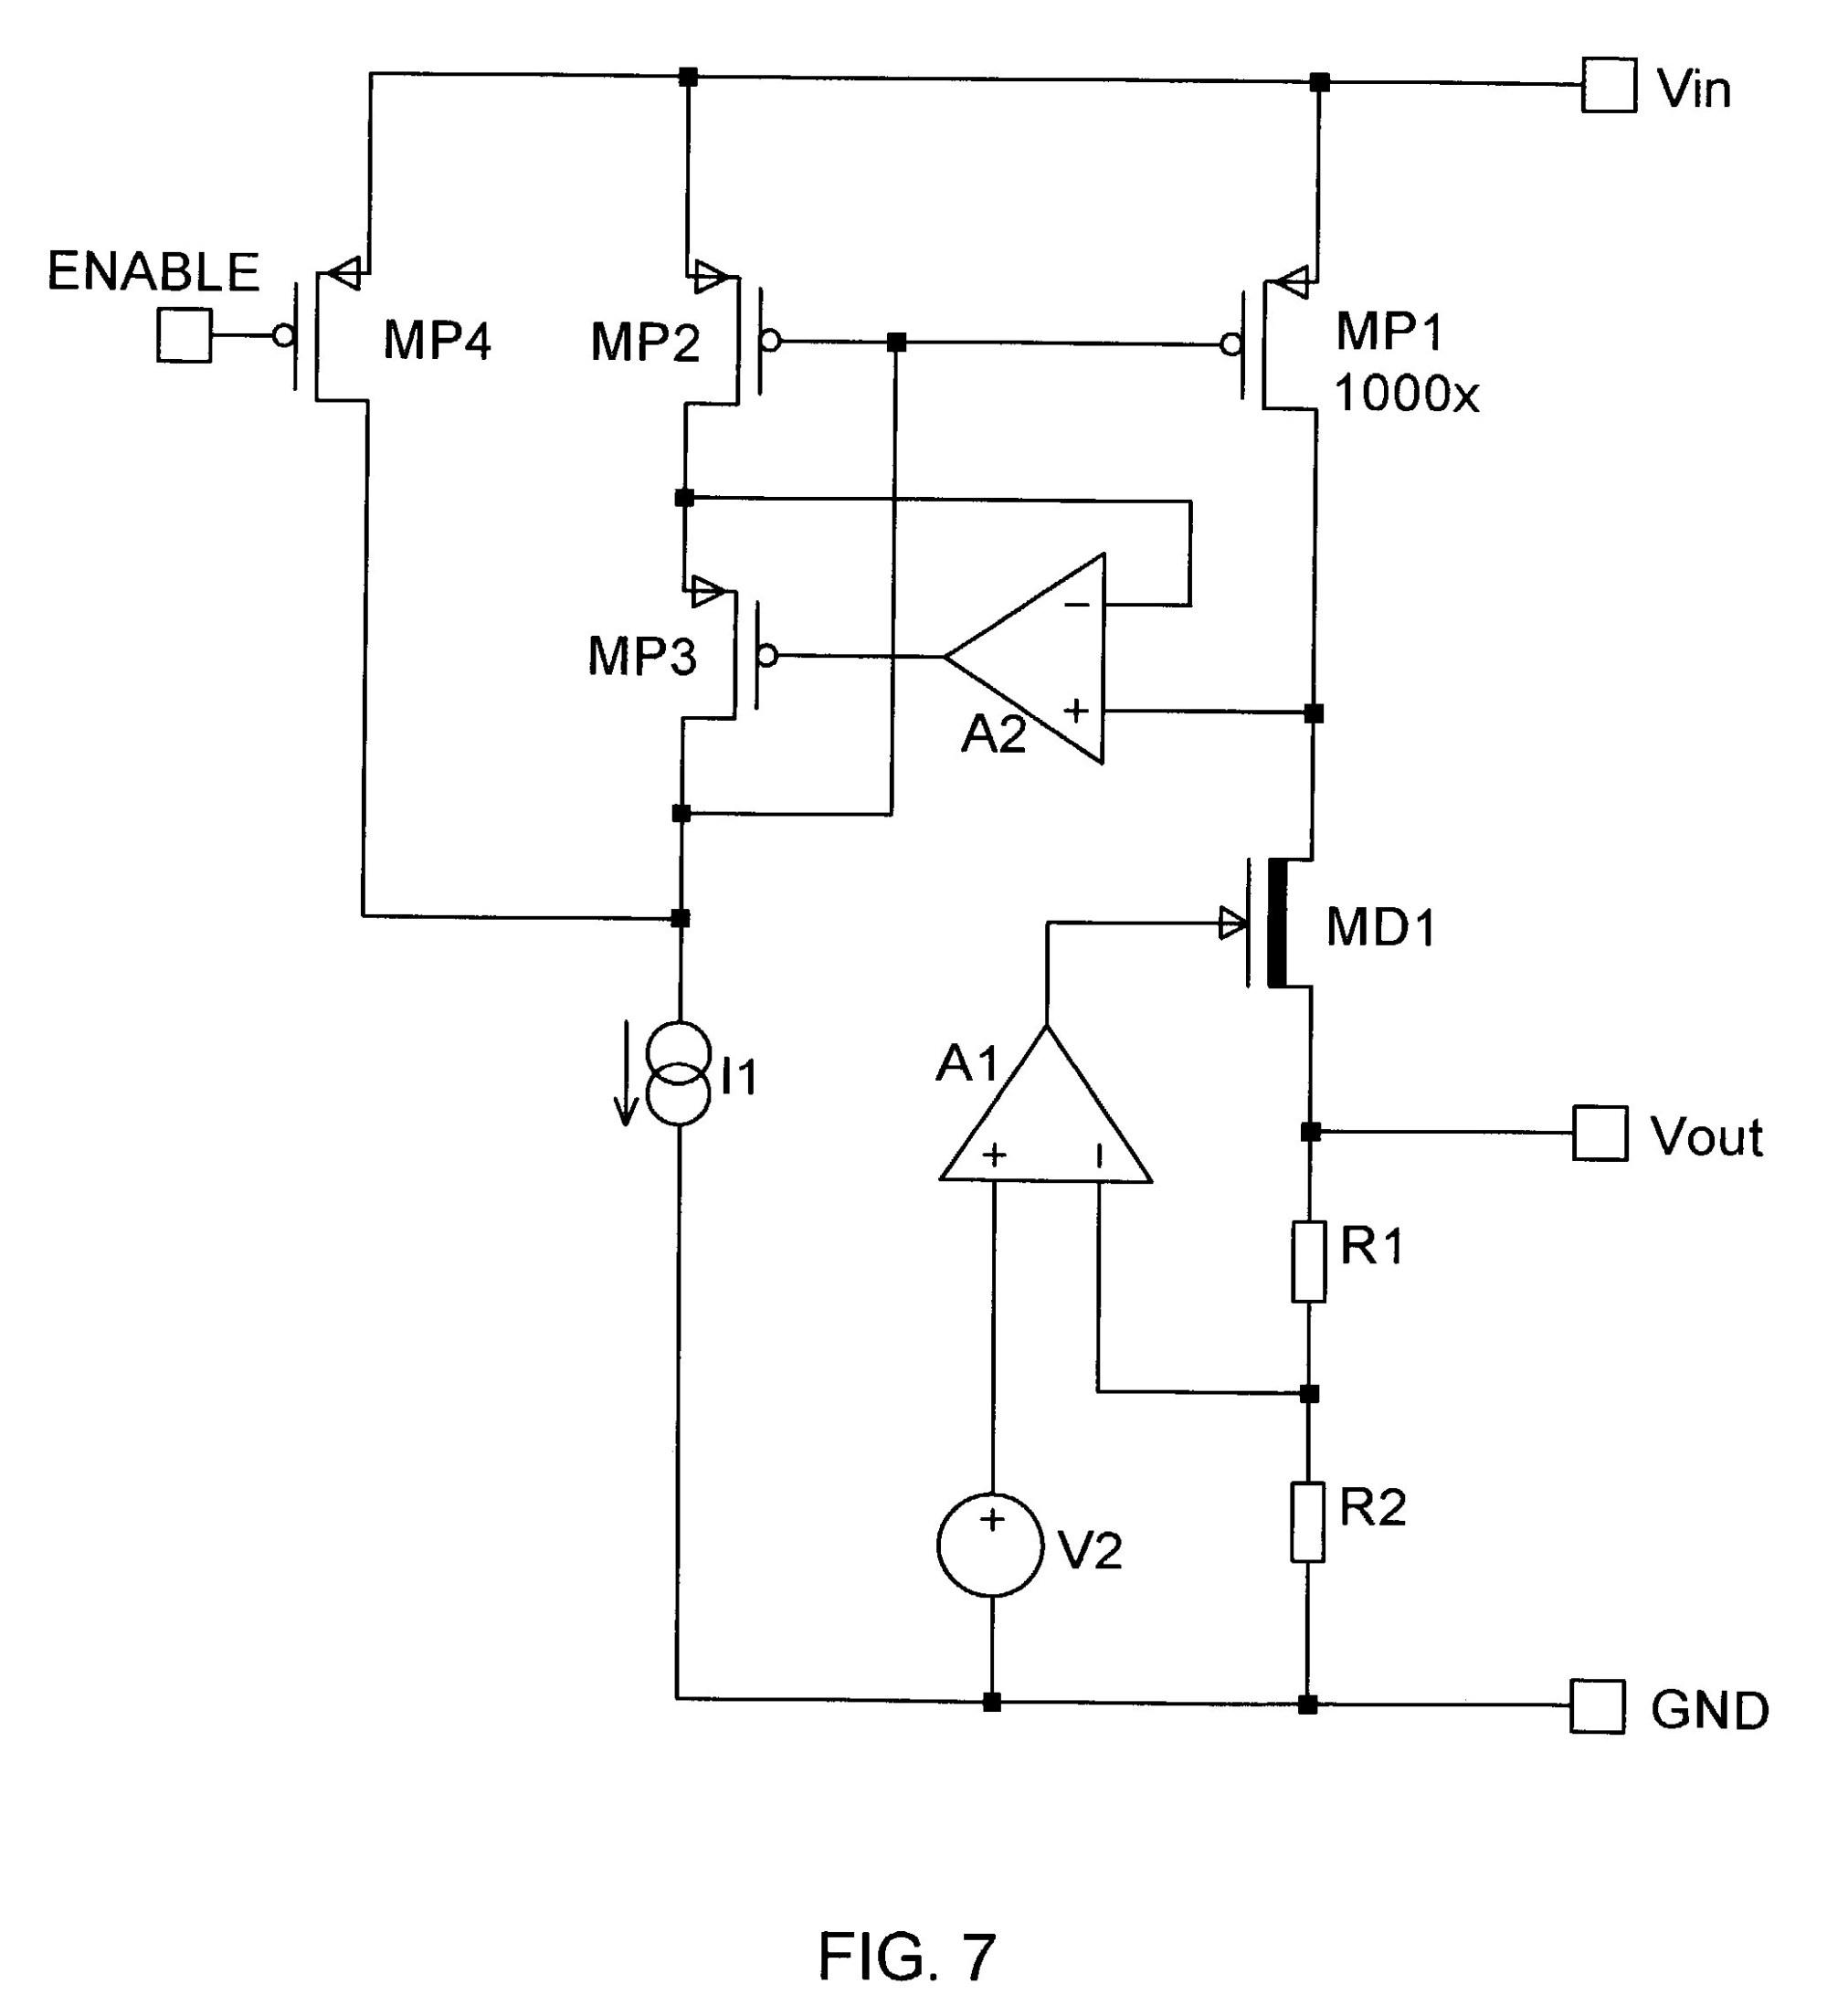 hight resolution of 12 volt regulator wiring diagram expert schematics diagram ford 8n 12 volt conversion wiring diagram 12 volt alternator wiring